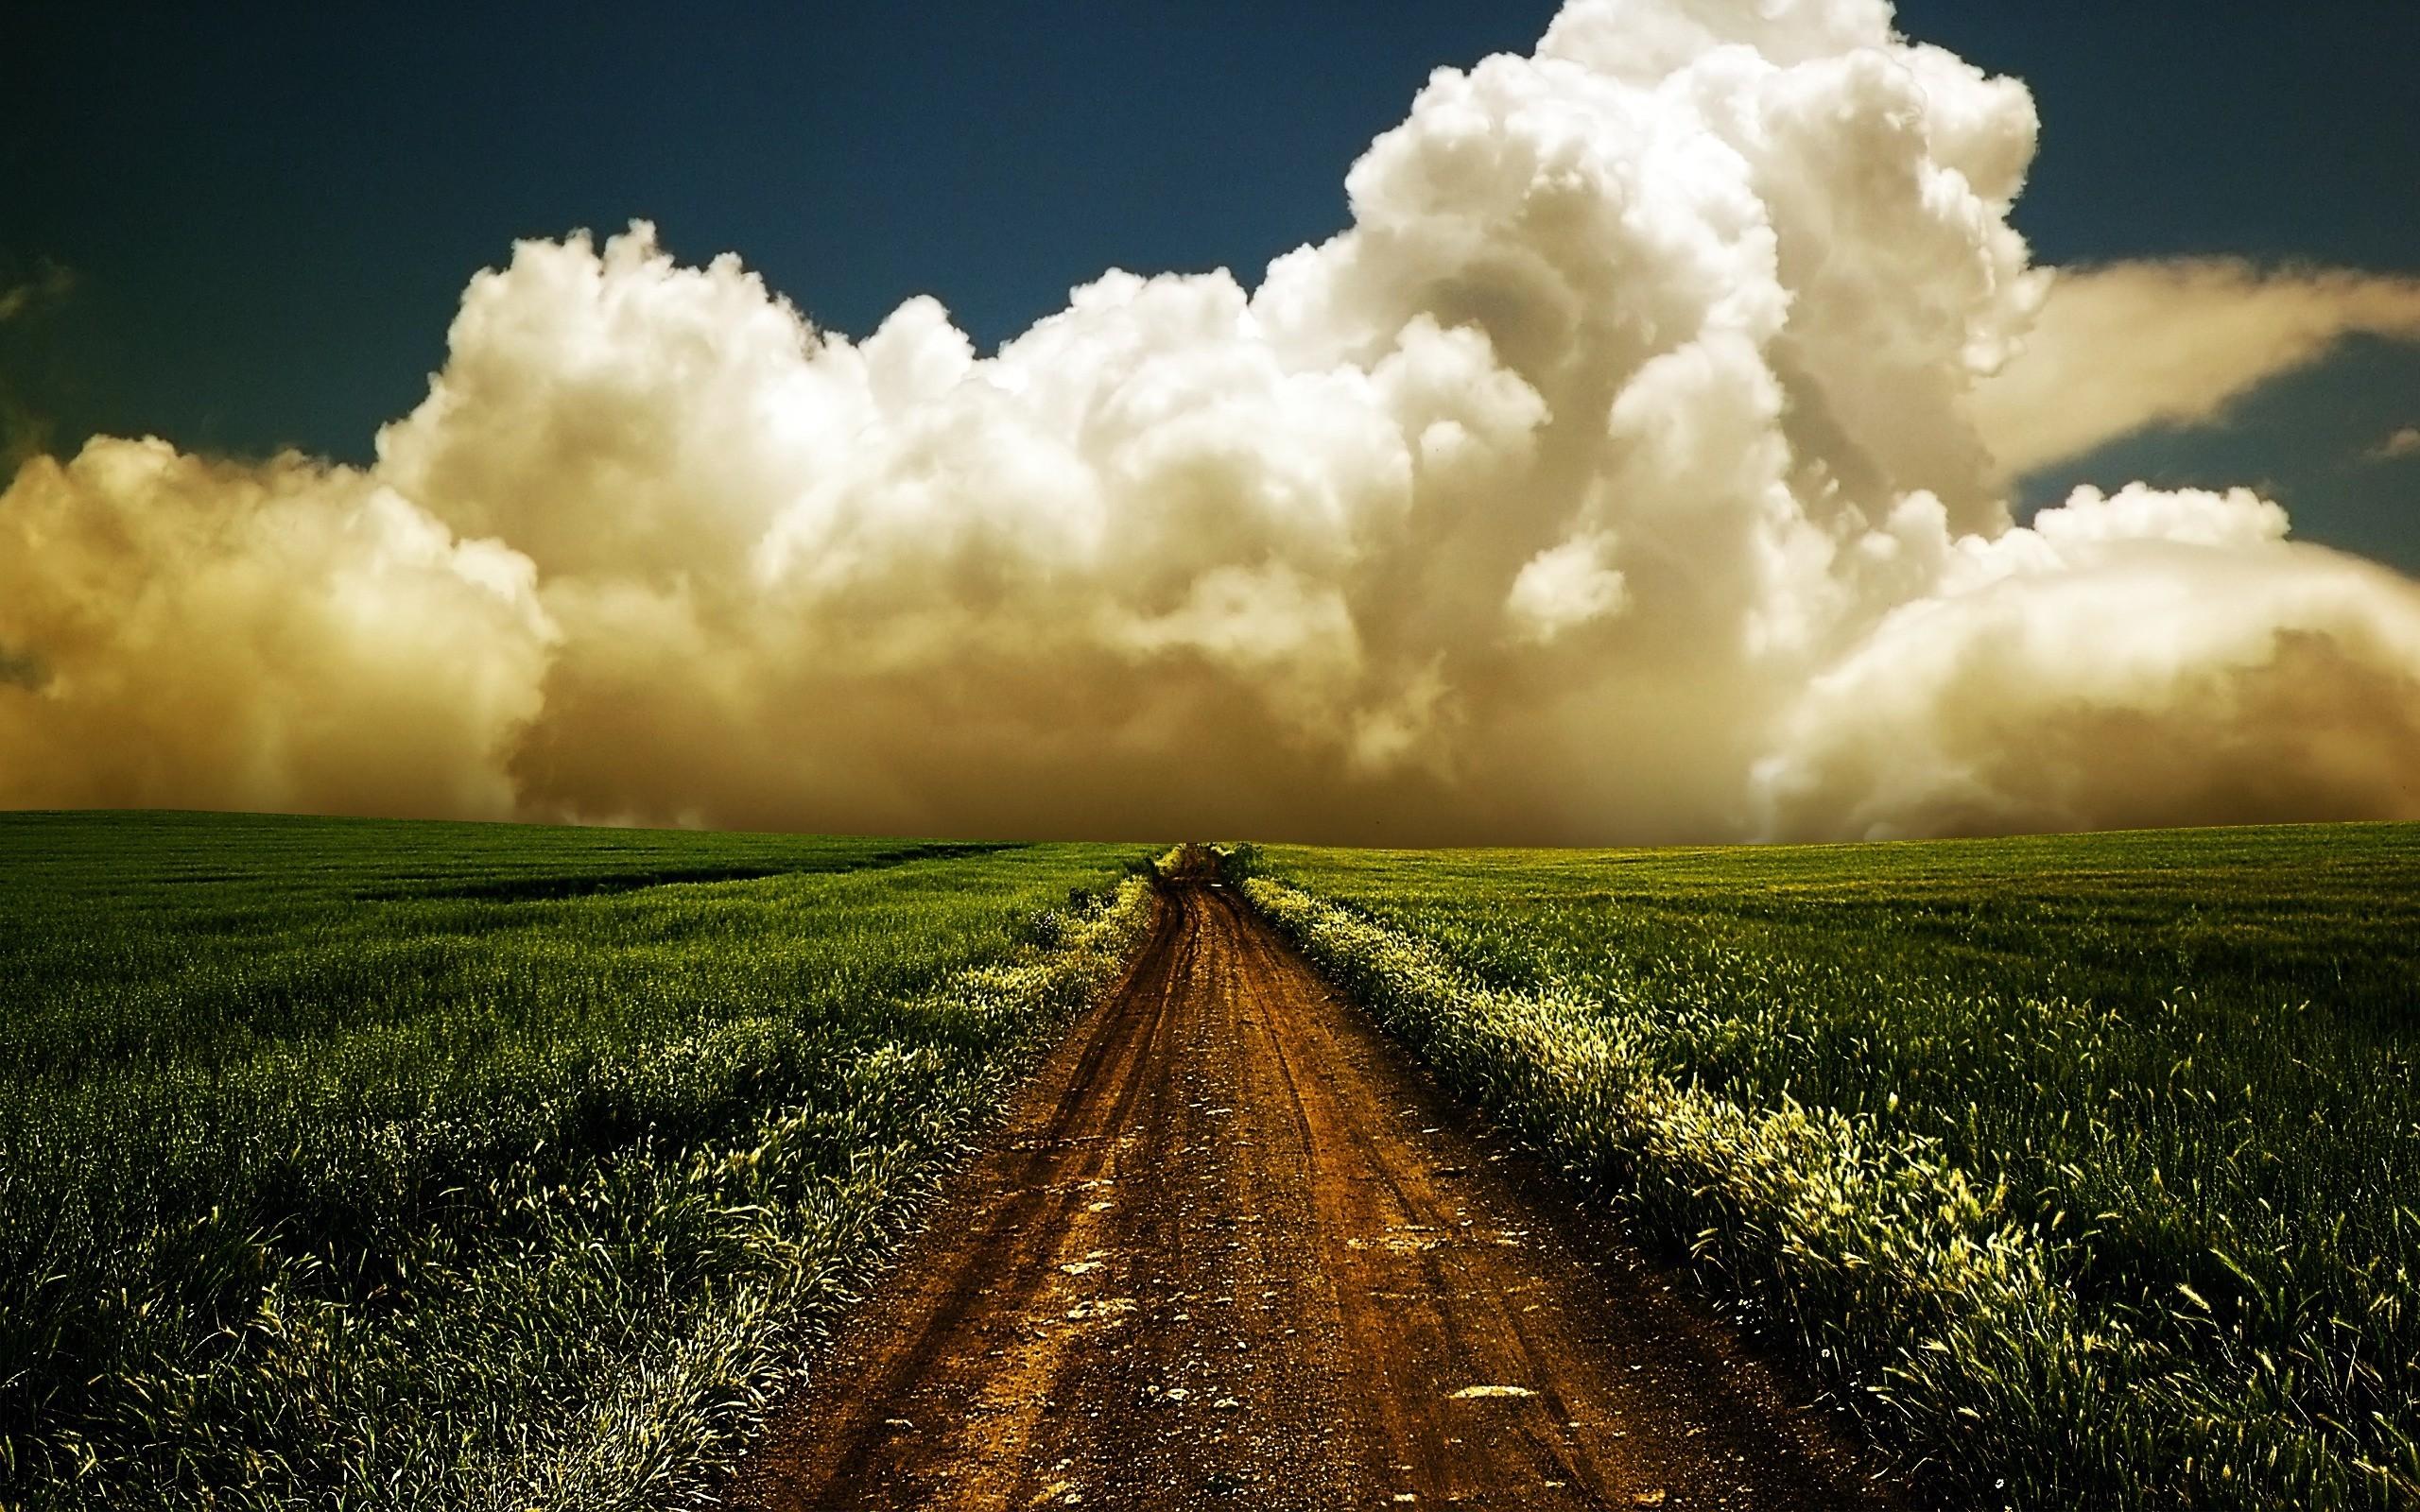 20748 скачать обои Пейзаж, Поля, Небо, Дороги, Облака - заставки и картинки бесплатно